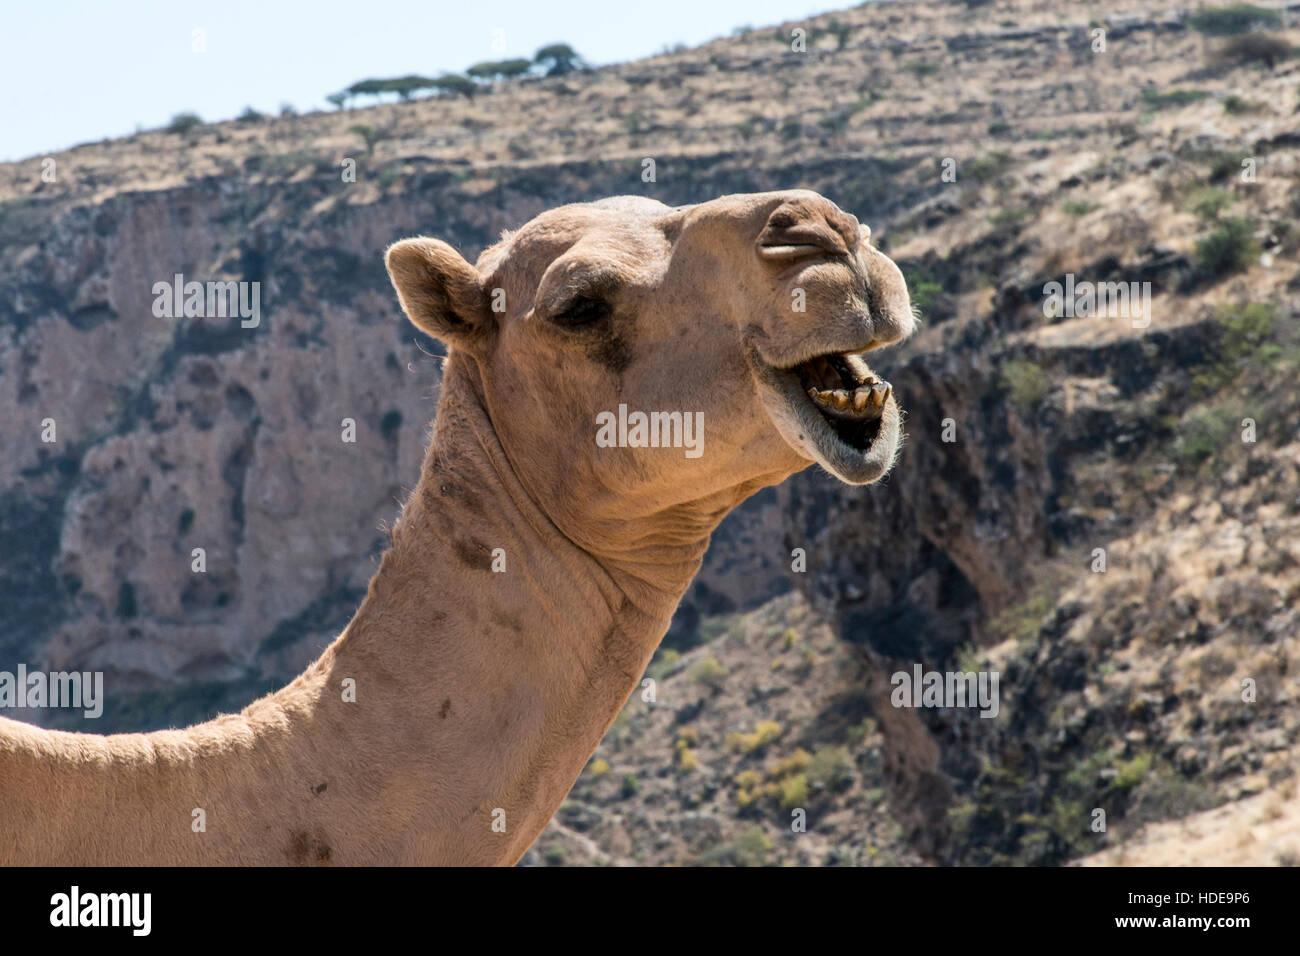 De La Faune A L Interieur De Chameau Drole De Camera En Oman Salalah Arabe Paysage Photo Stock Alamy